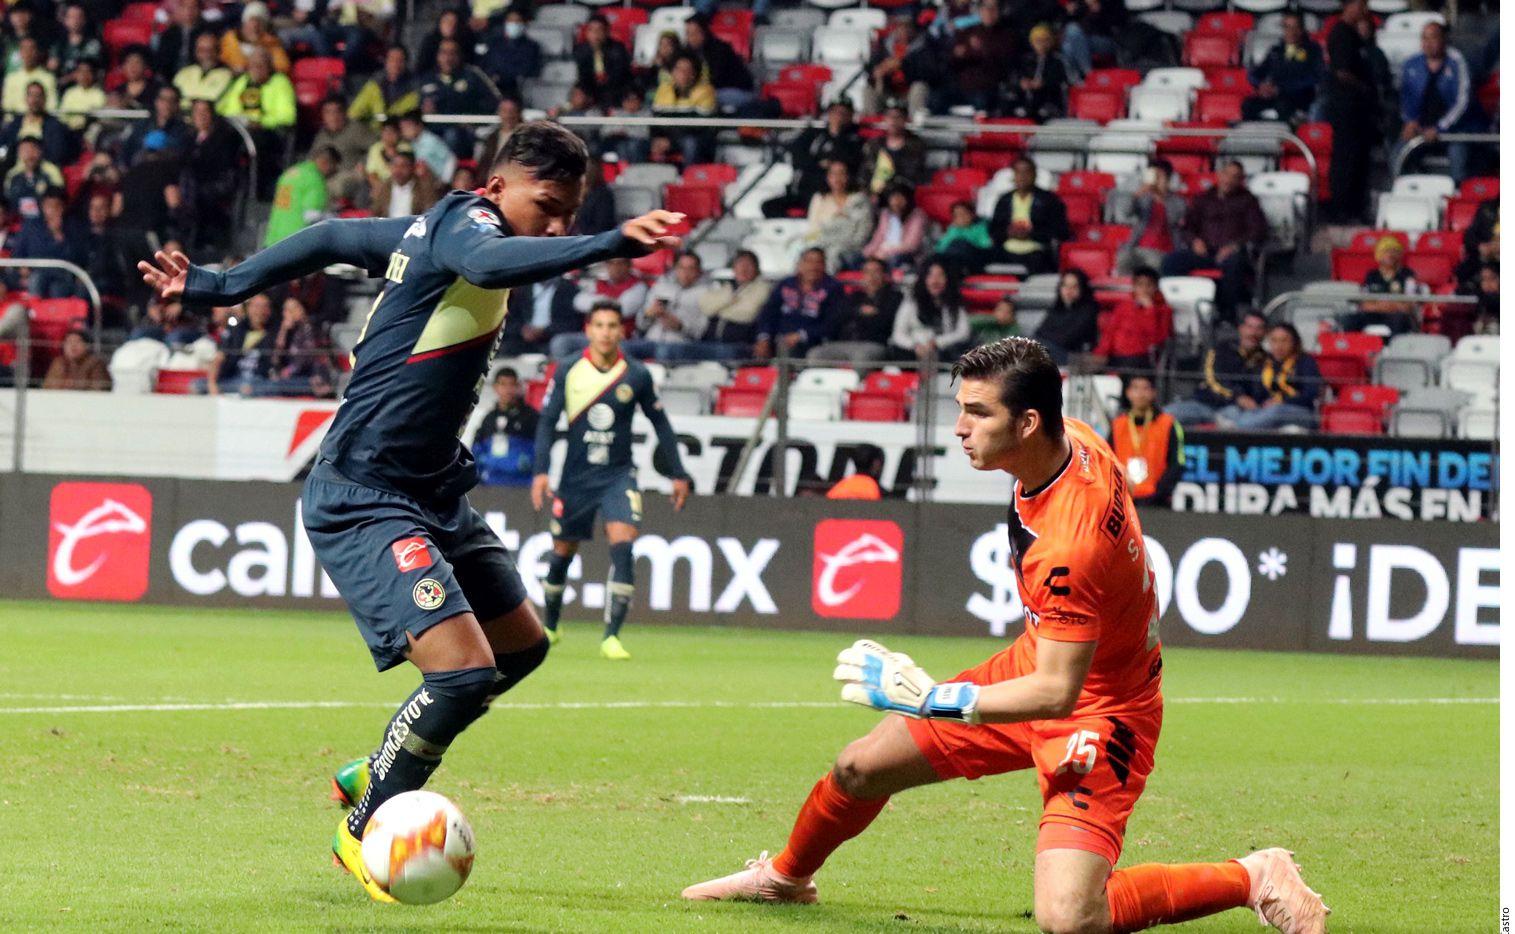 Cruces de cuartos de final de la liguilla del futbol mexicano definidos tras la última fecha del Apertura. Foto AGENCIA REFORMA